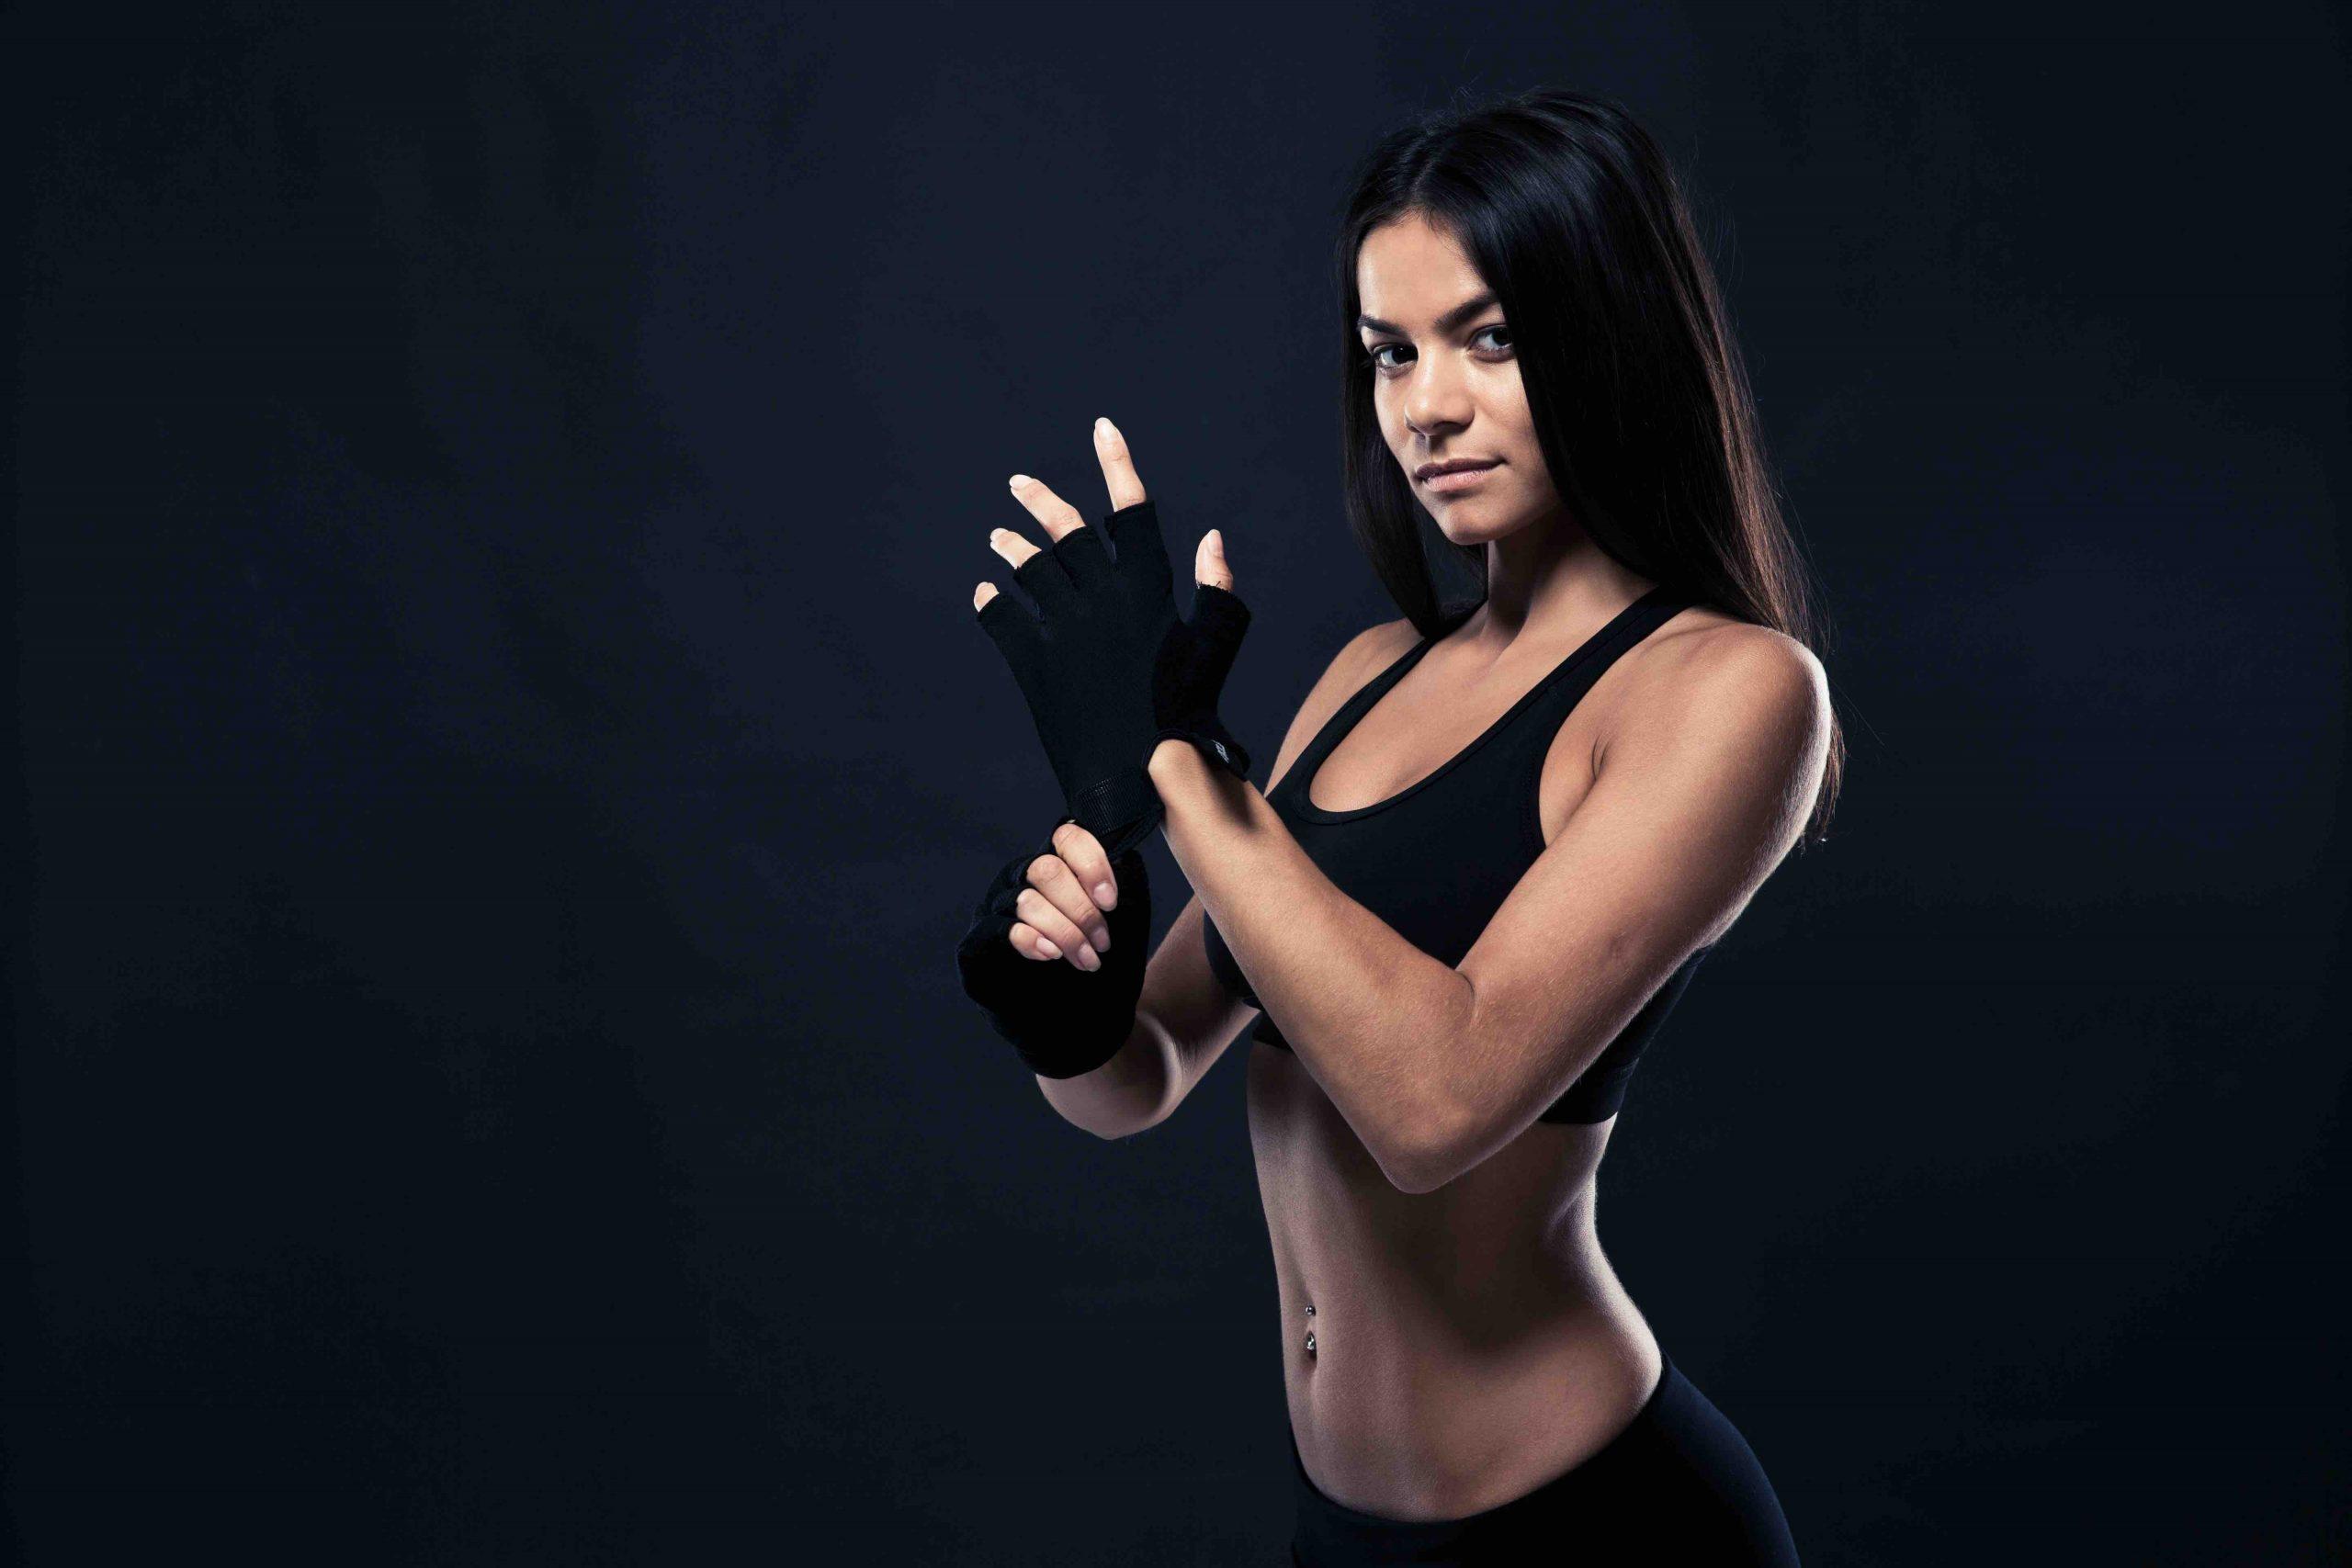 female athlete